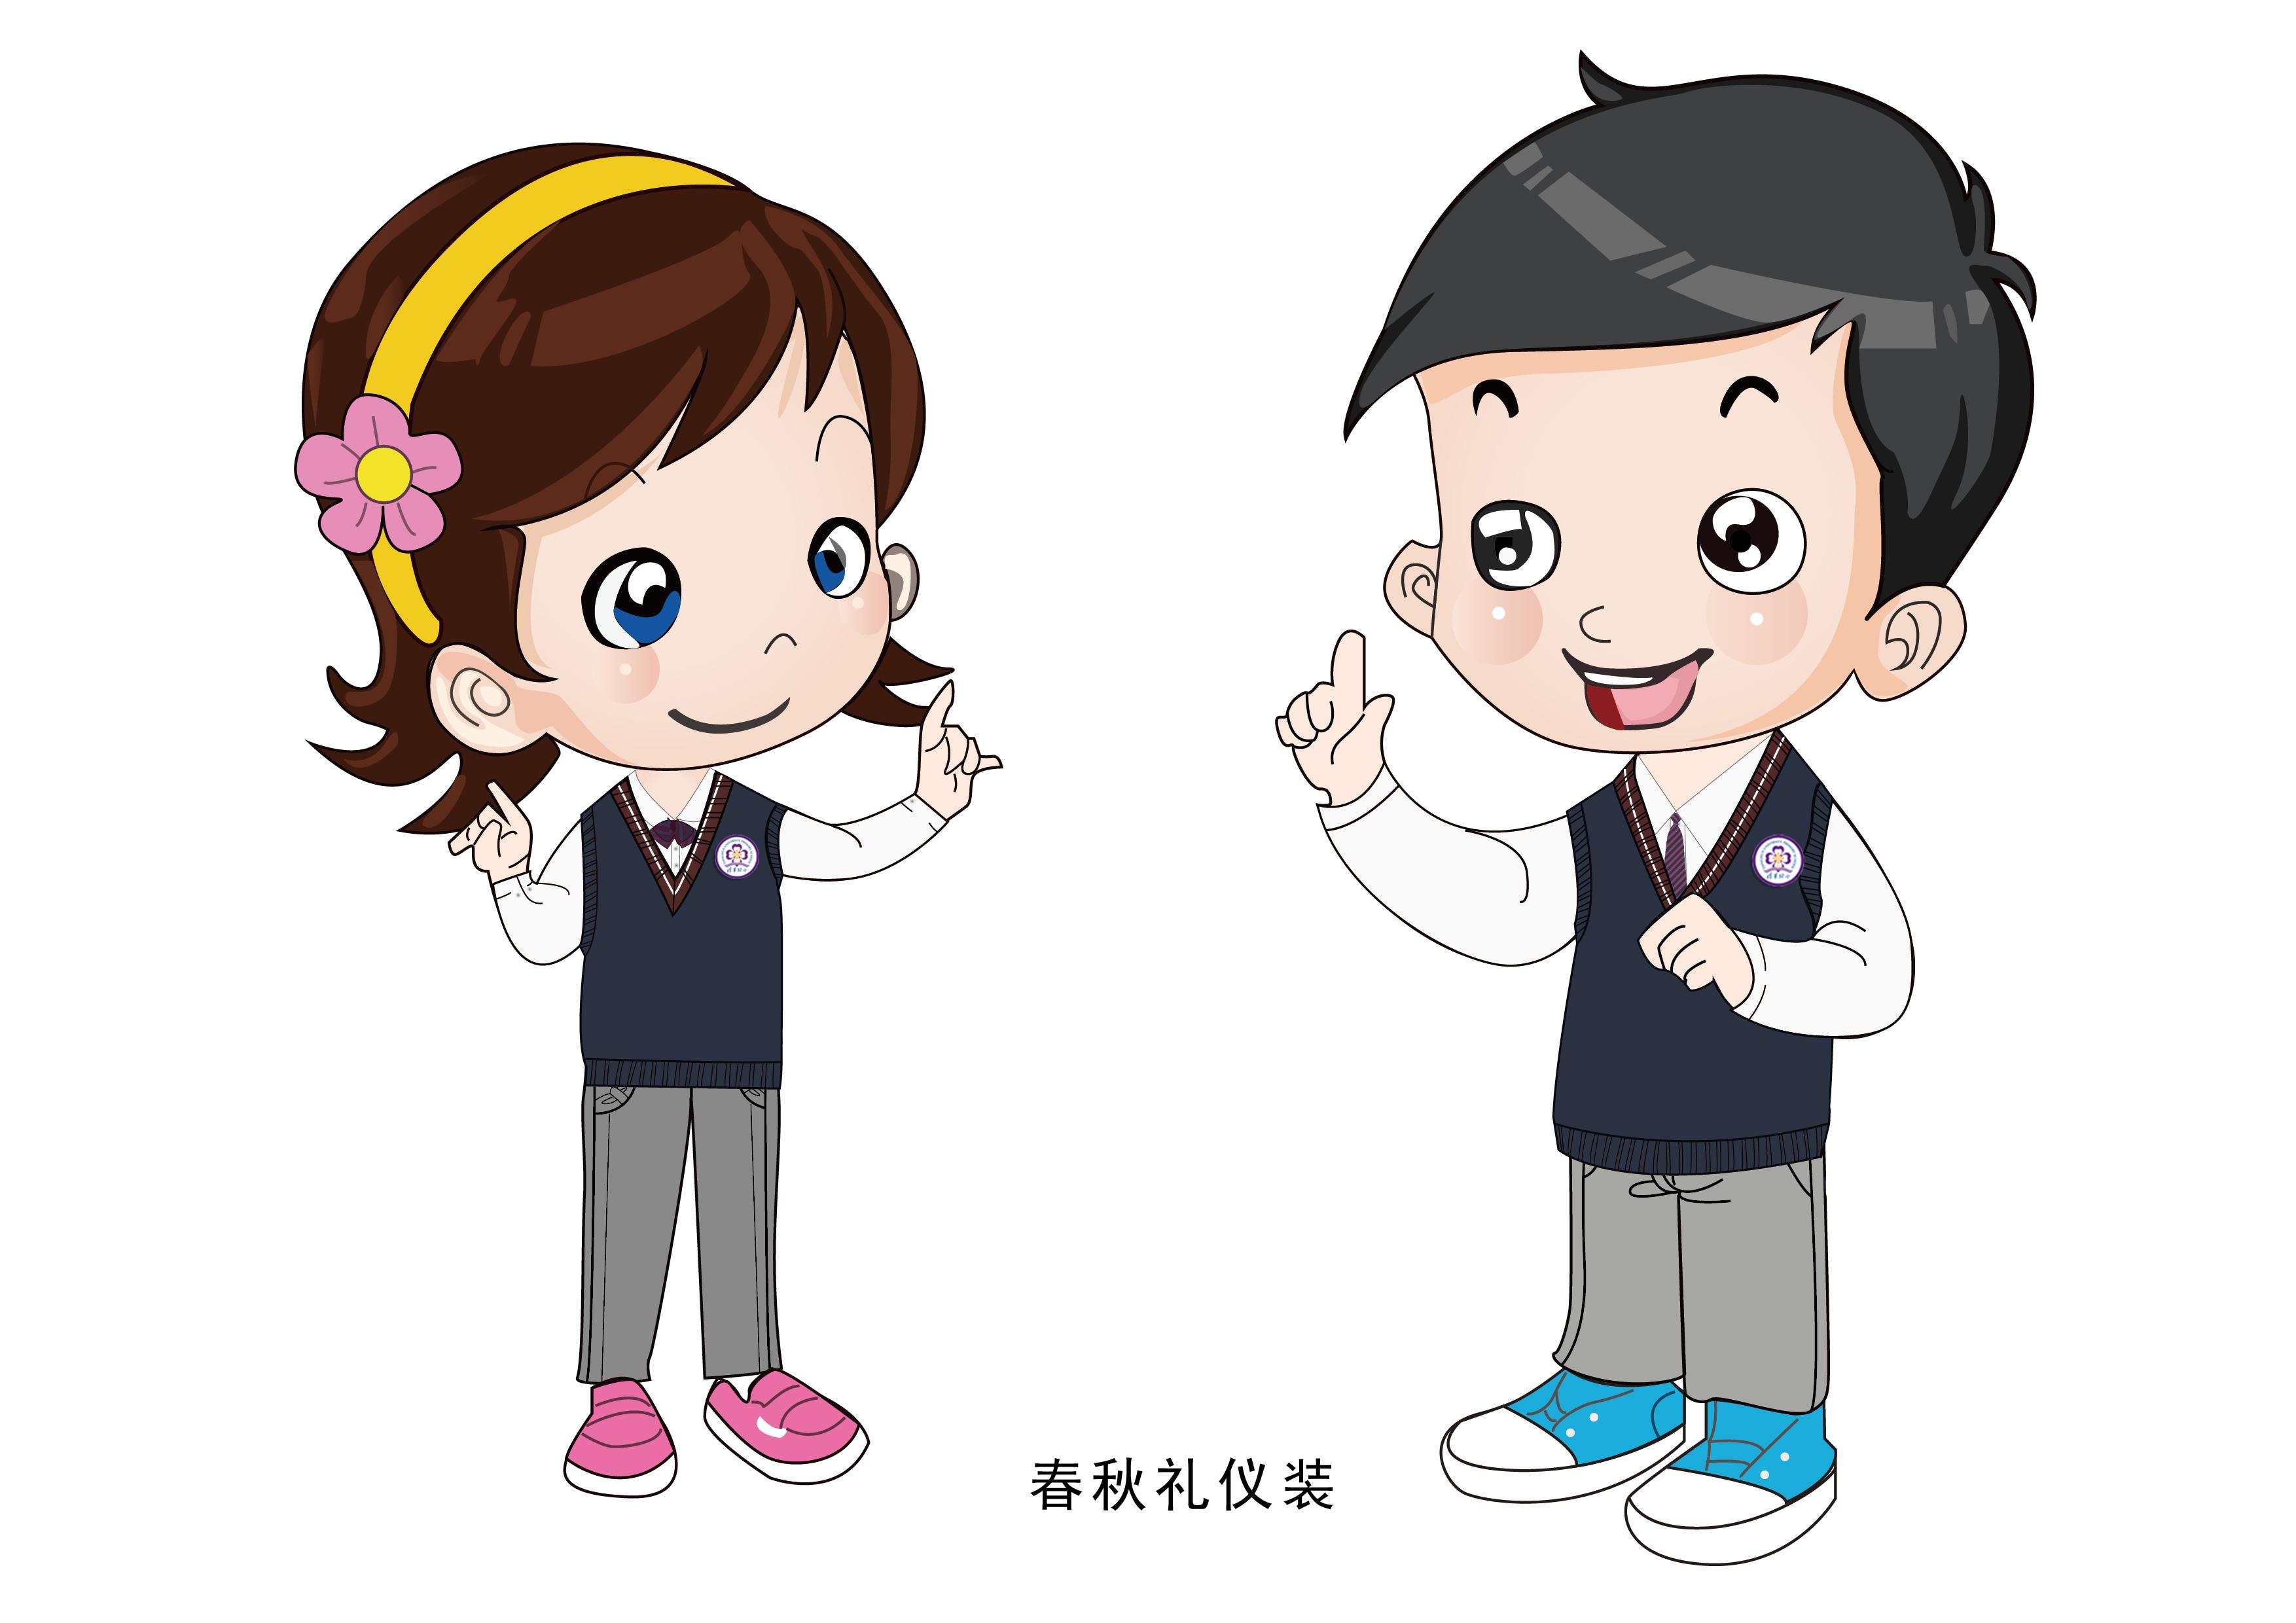 春夏秋冬校服卡通形象